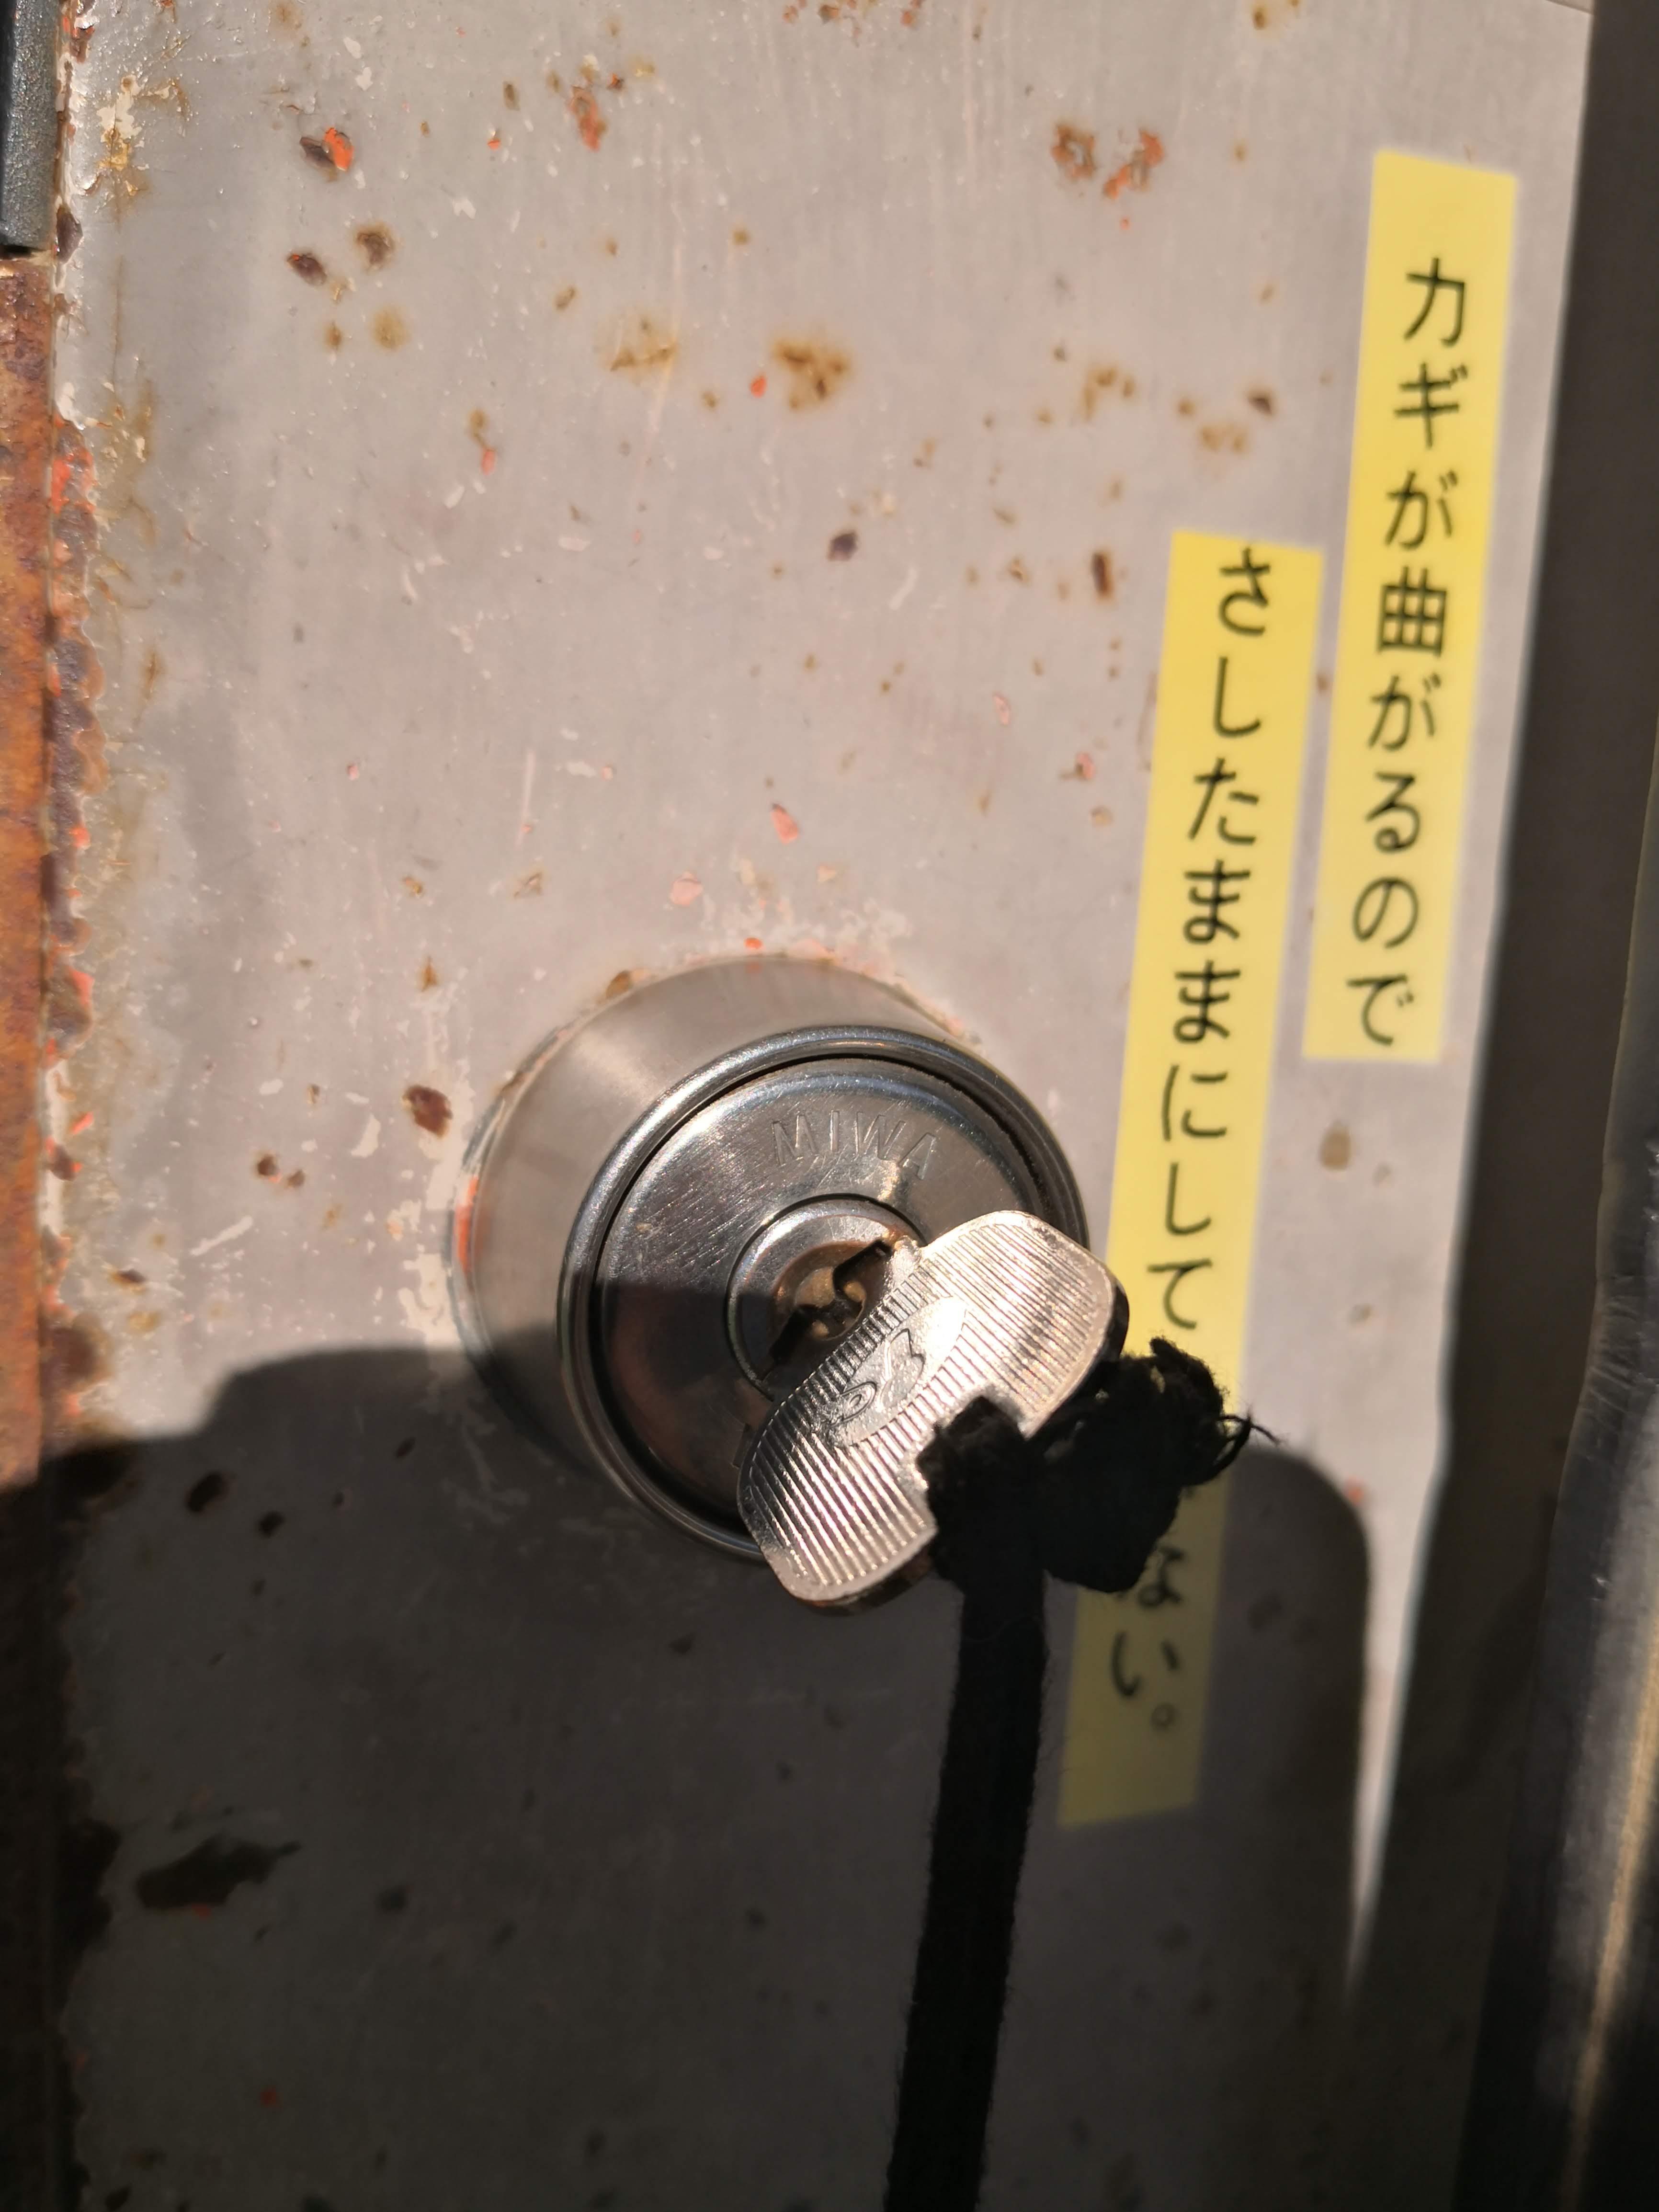 問題なく鍵で開け閉めできるようになりました。ちなみにこの合鍵は前に当店で作製した物です。